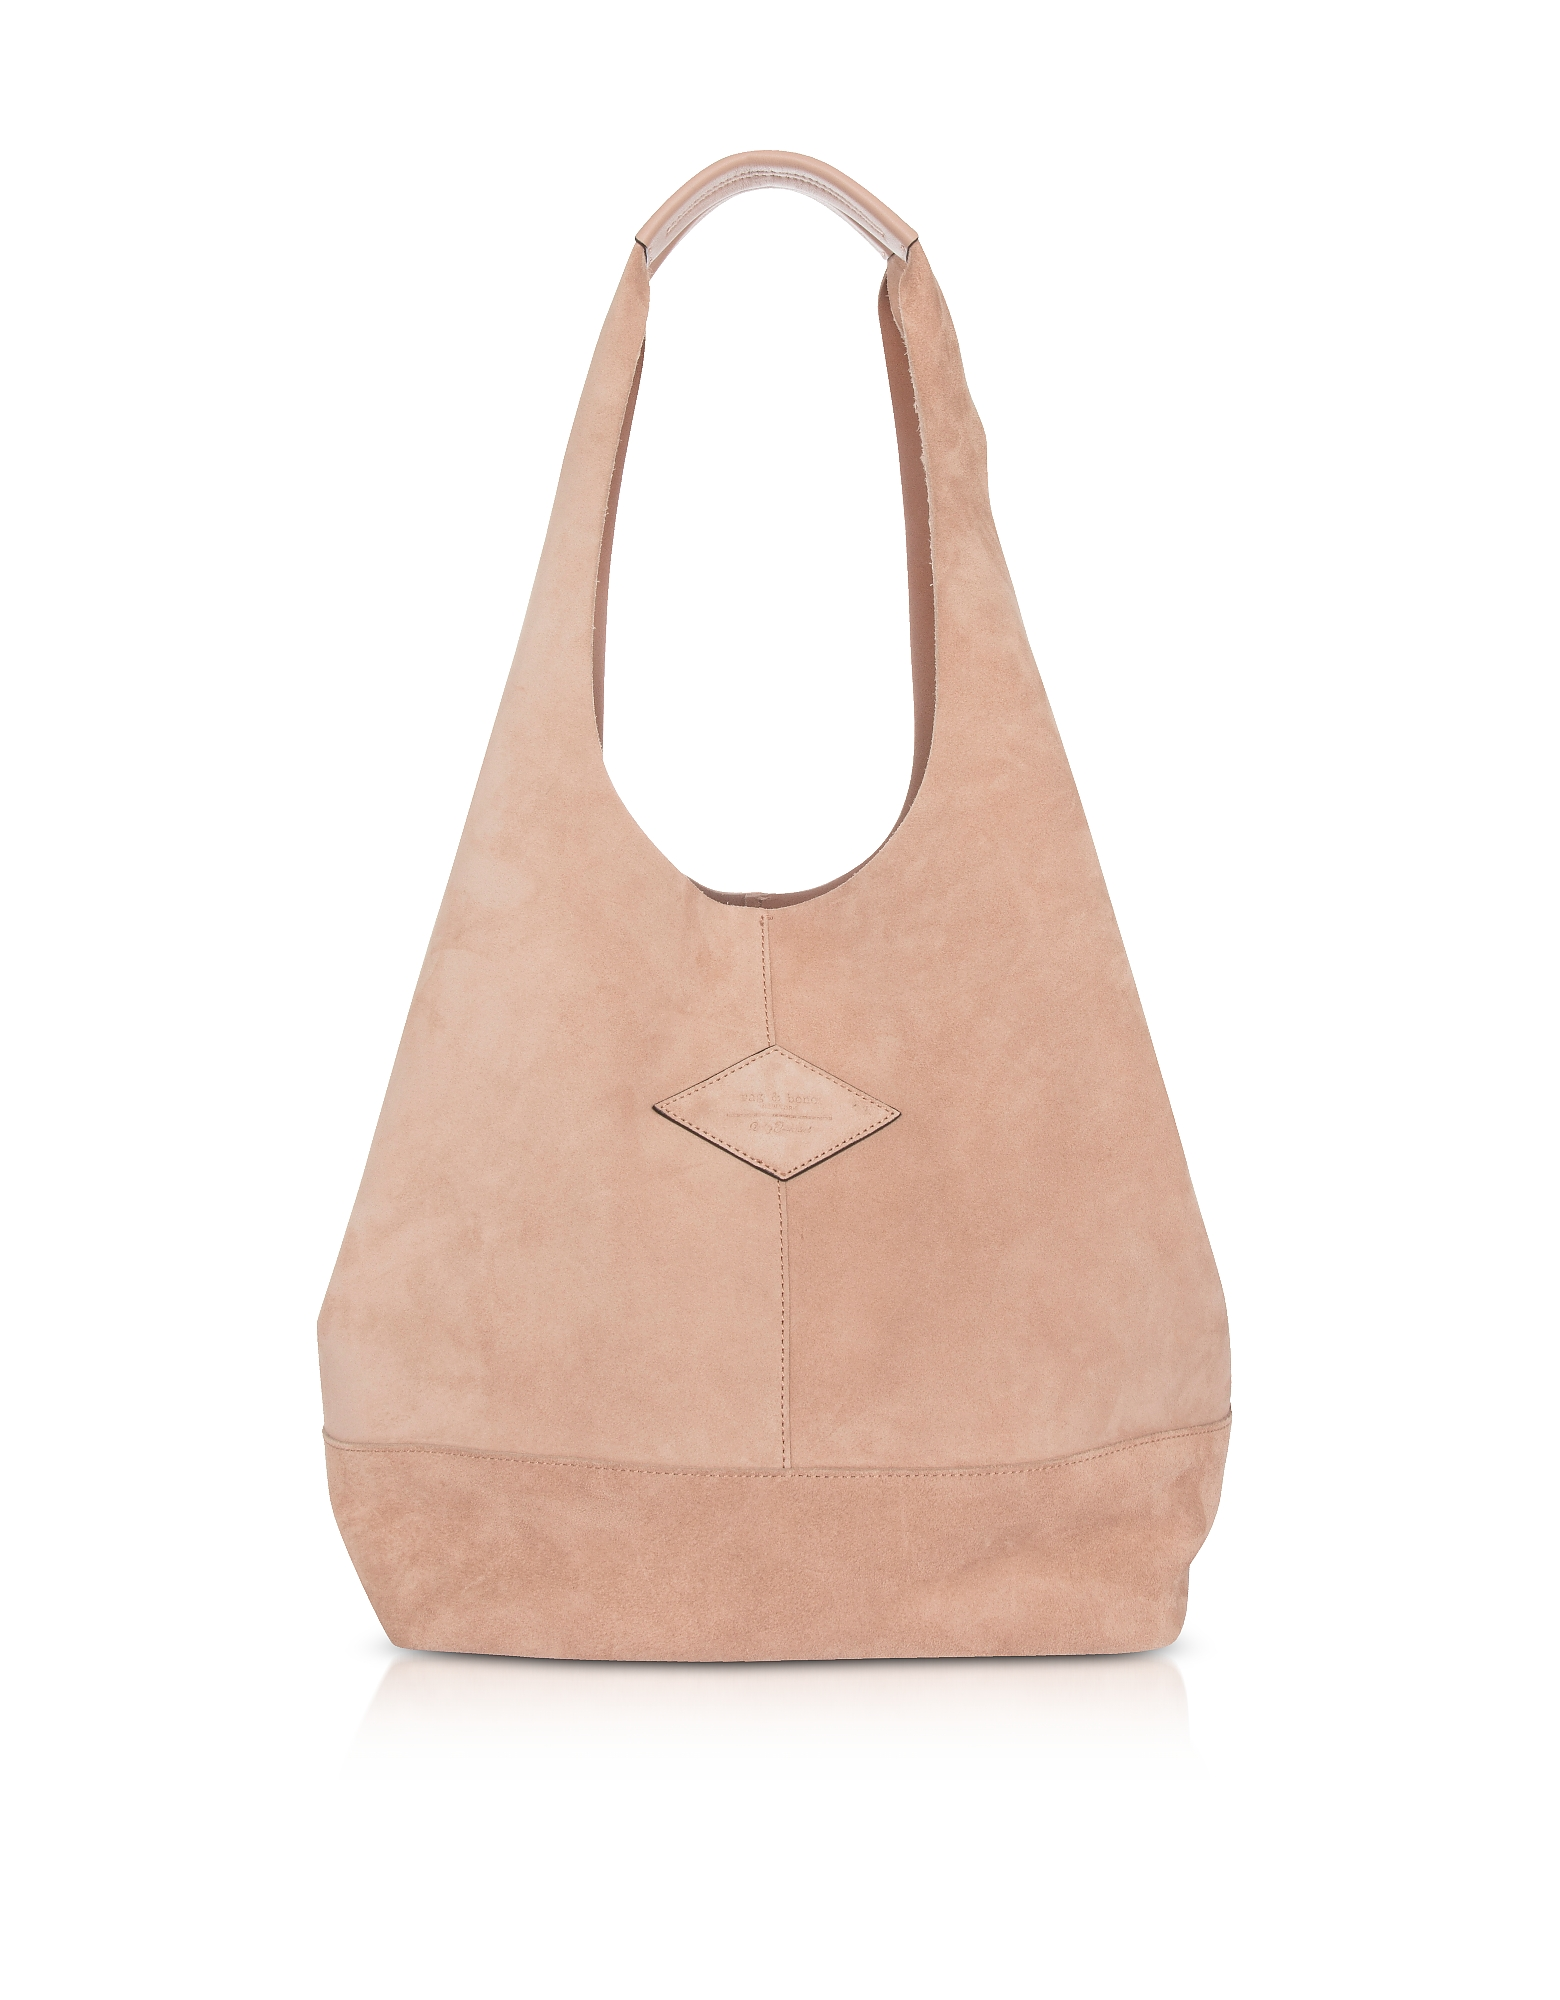 Image of Rag & Bone Designer Handbags, Nude Suede Camden Shoulder Bag